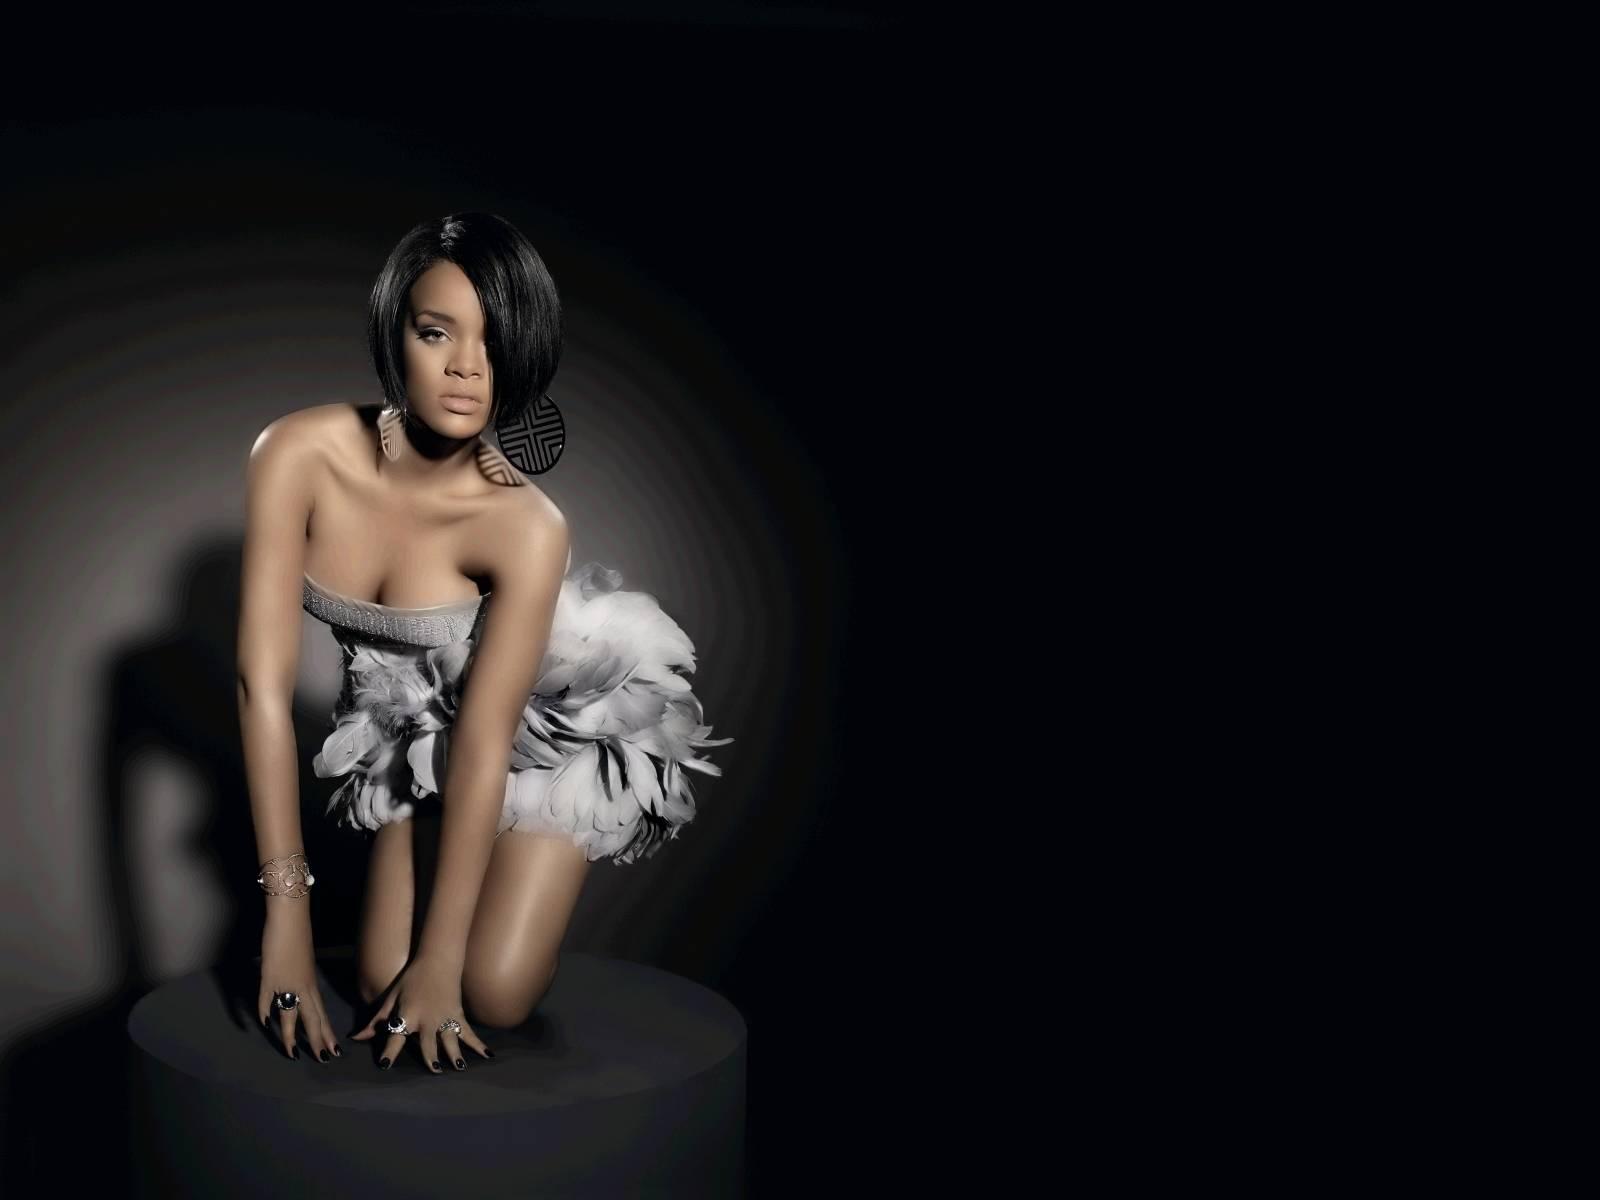 http://1.bp.blogspot.com/_2IU2Nt4rD1k/TCGzFtl_oiI/AAAAAAAABvM/TgnyOk4-n8E/s1600/Rihanna%2Bwallpapers%2Bhq%2B(3).jpg